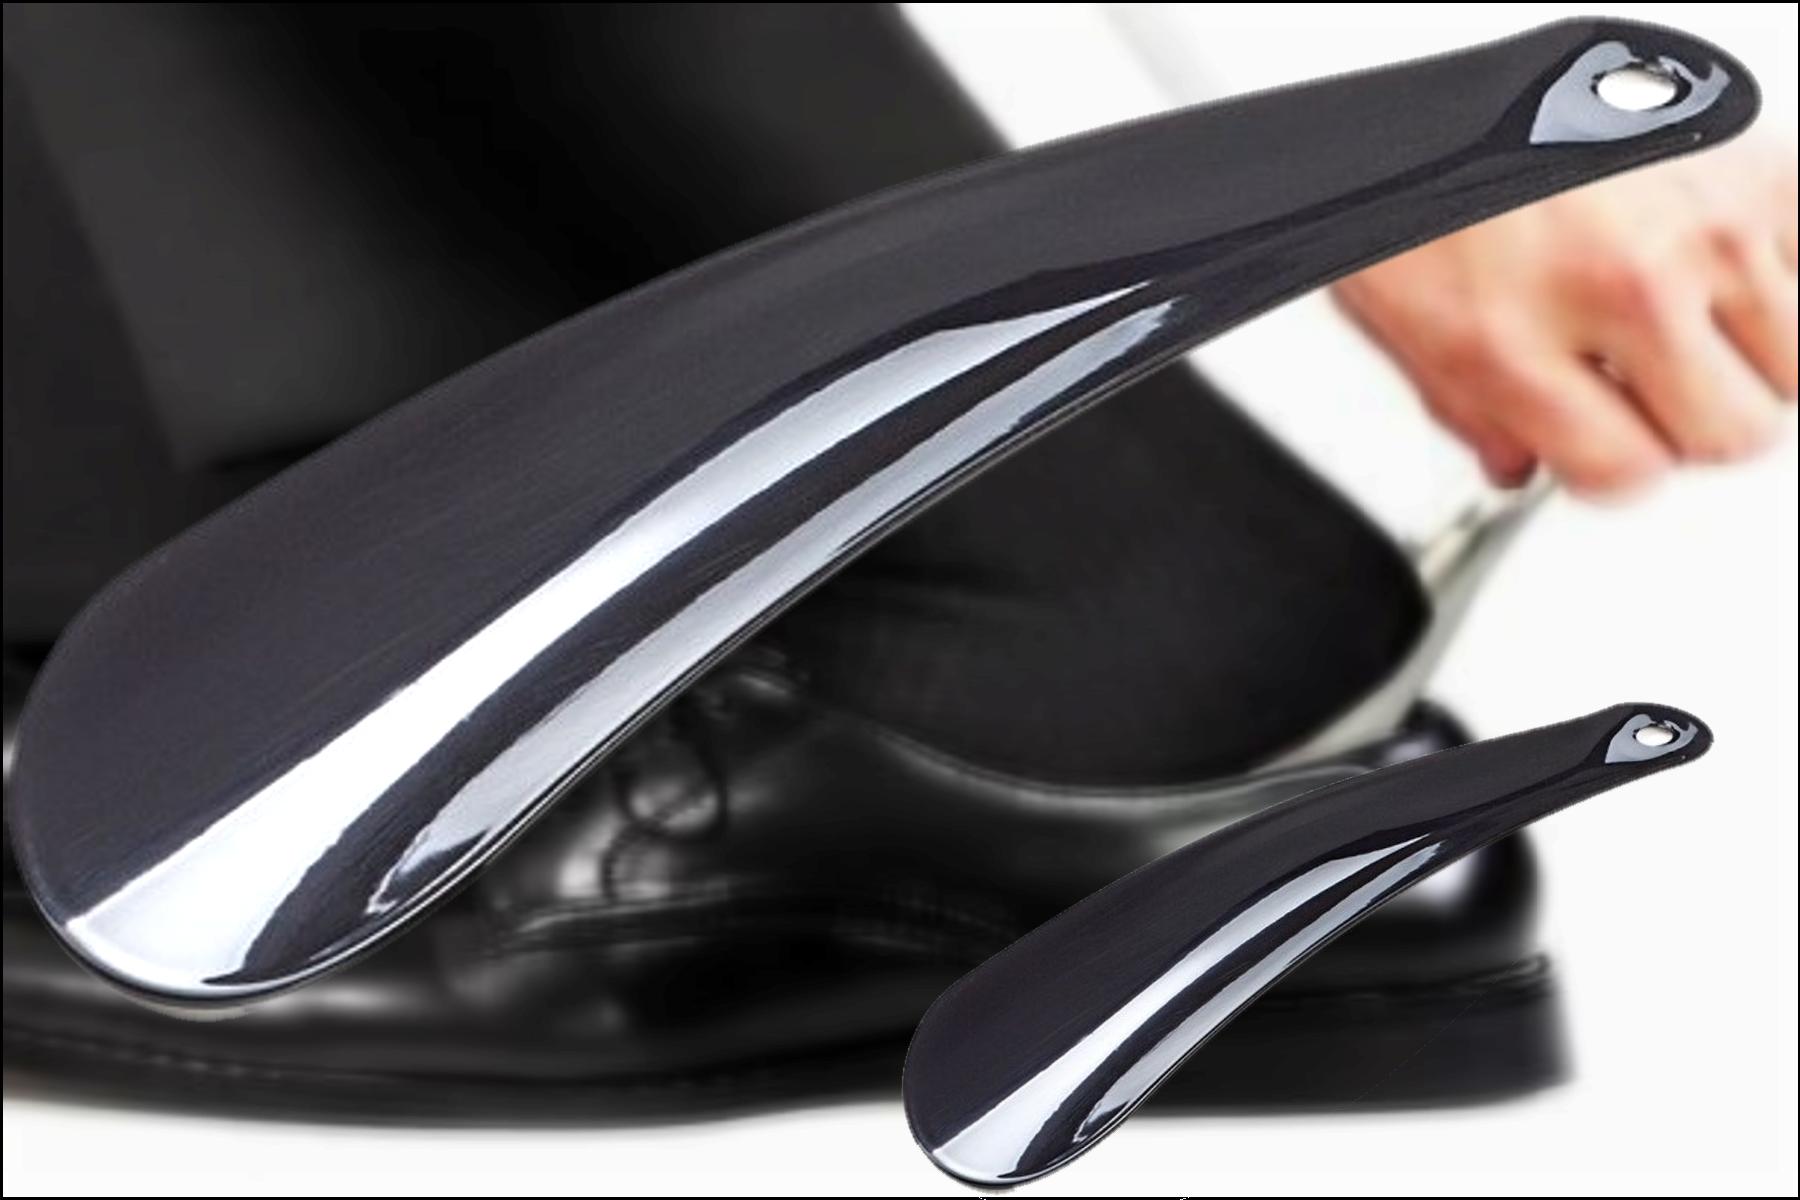 Chausse pied métal inox 12 ou 30 cm de long